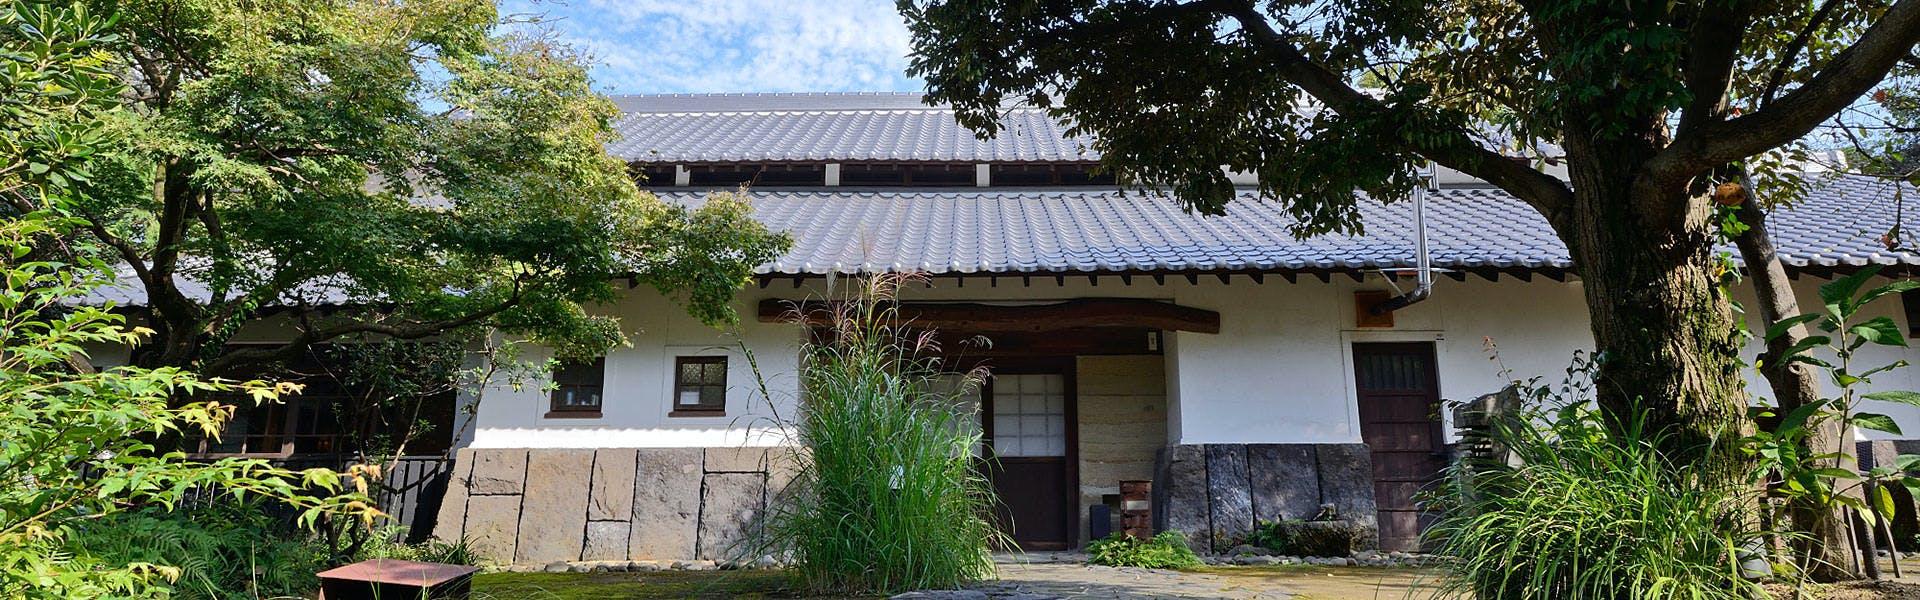 記念日におすすめのホテル・天然田園温泉 ふかほり邸の写真1